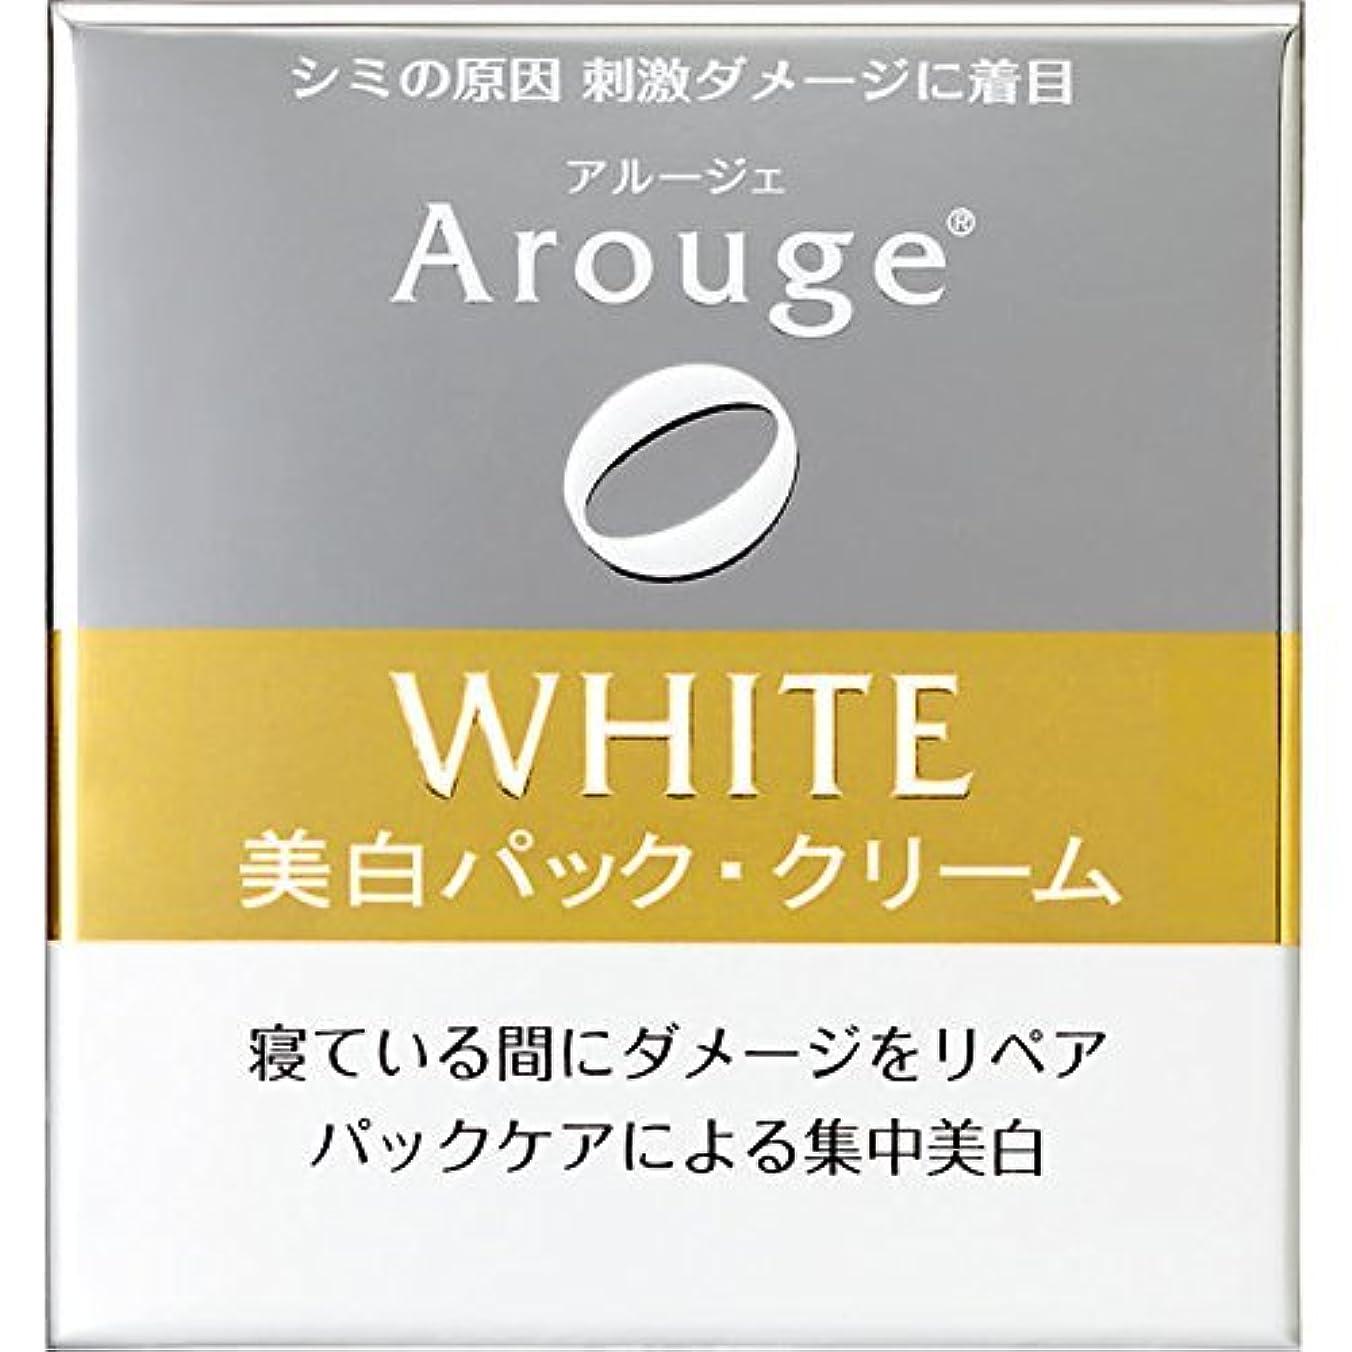 シャンプーコンパクト志すアルージェ ホワイトニングリペアクリーム 30g